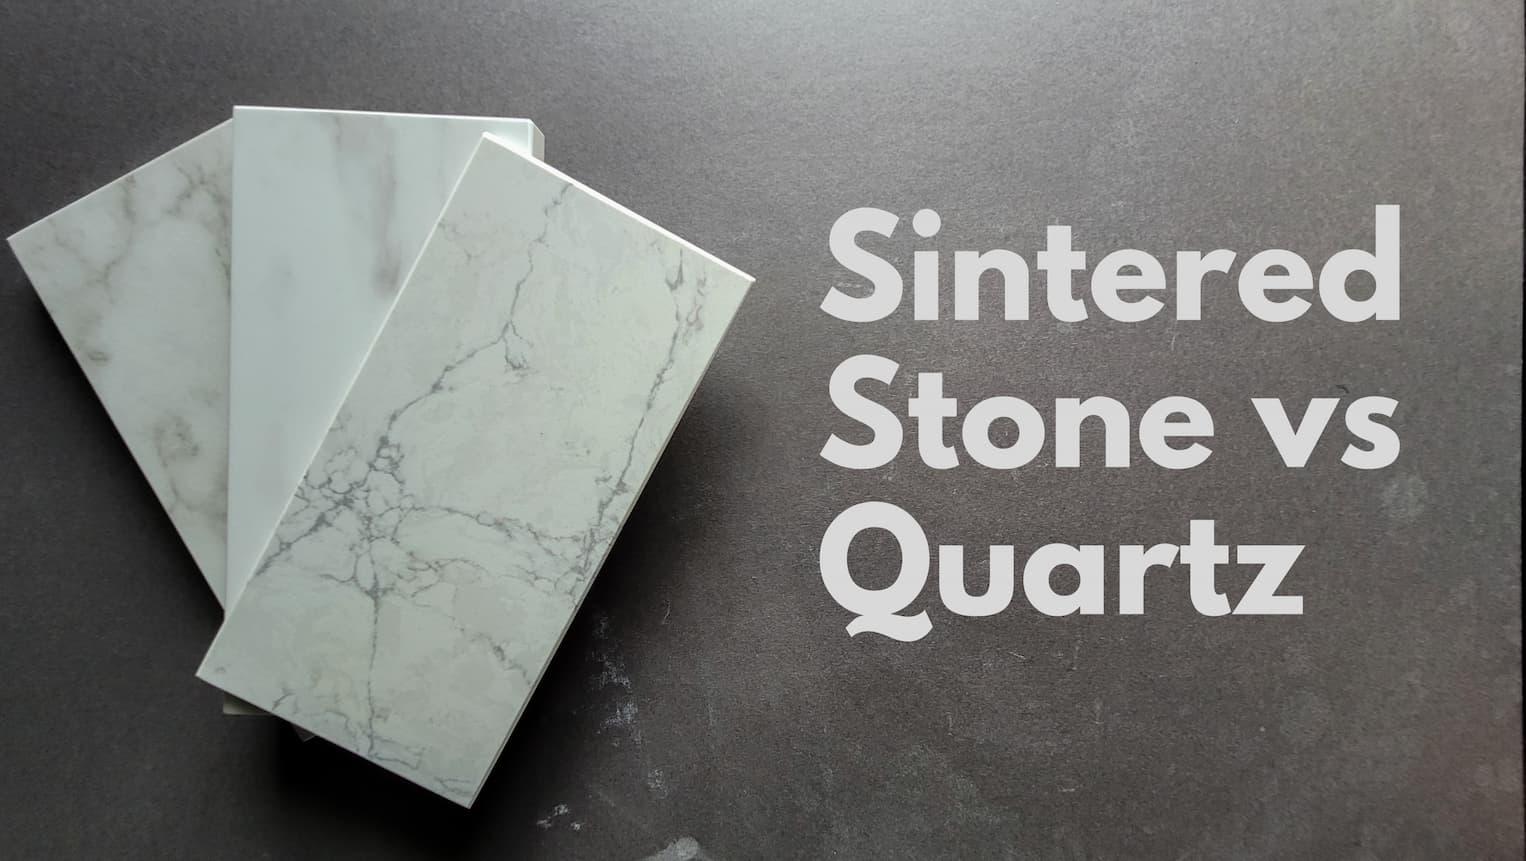 Sintered stone versus quartz